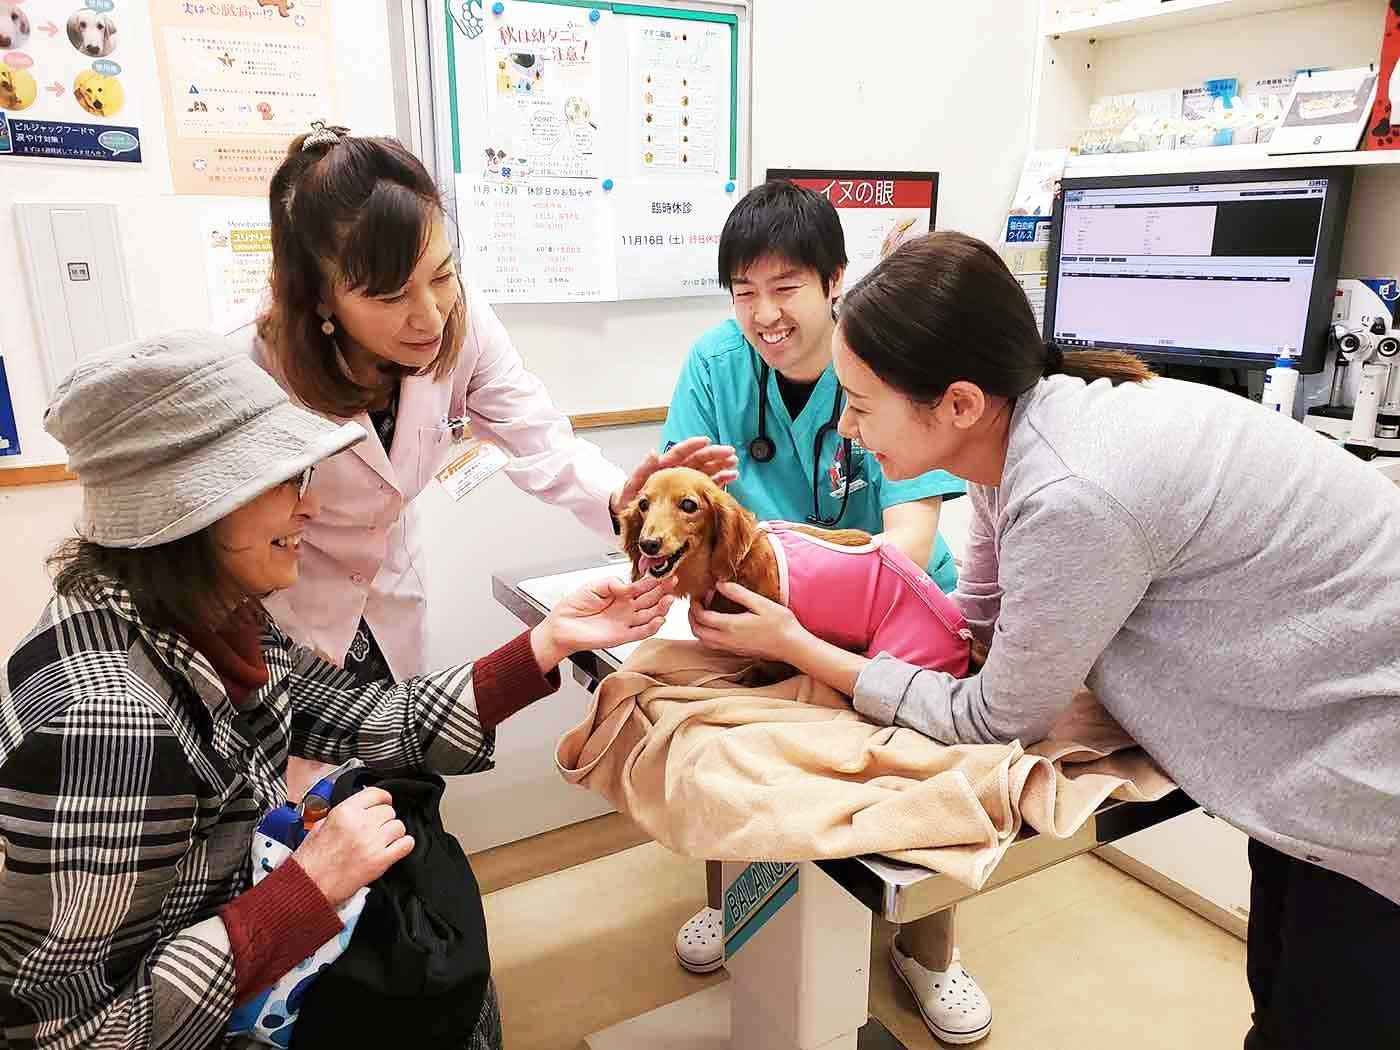 愛犬の余命宣告も恐れない!飼い主のペットロスもケアする動物医療「グリーフケア」がすごい!